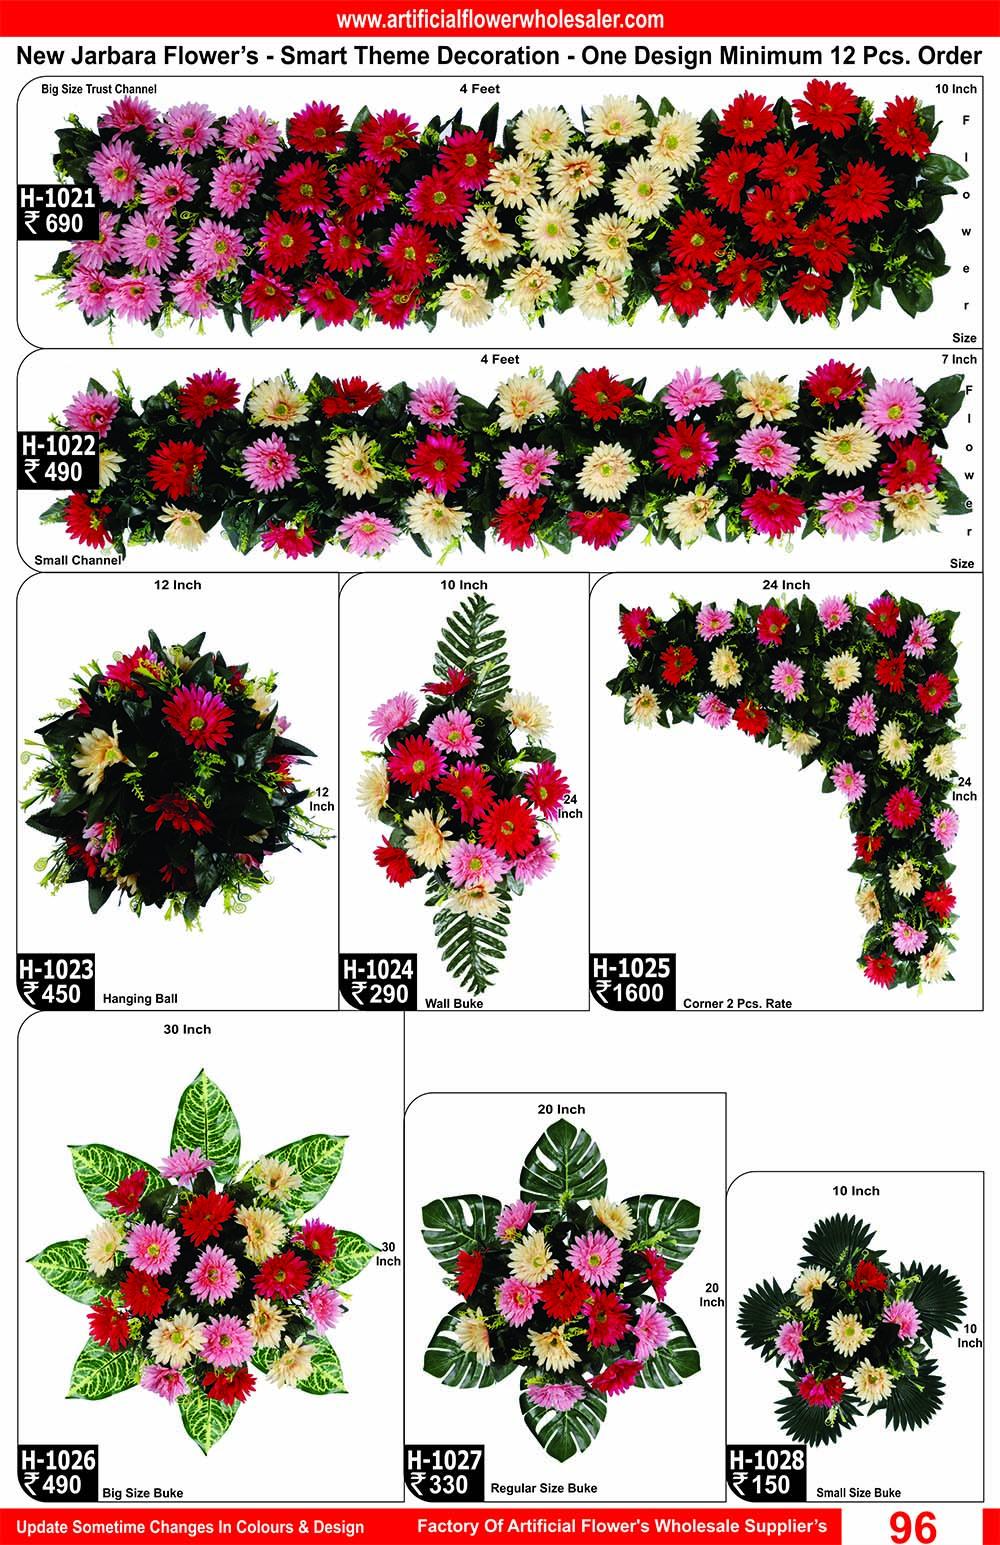 96-artificial-flower-wholesaler